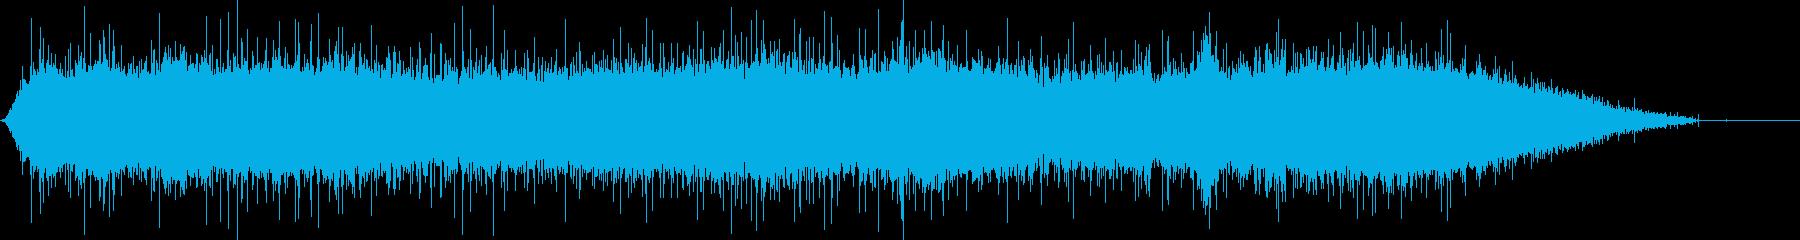 100 Mph以上で運転するコンパ...の再生済みの波形